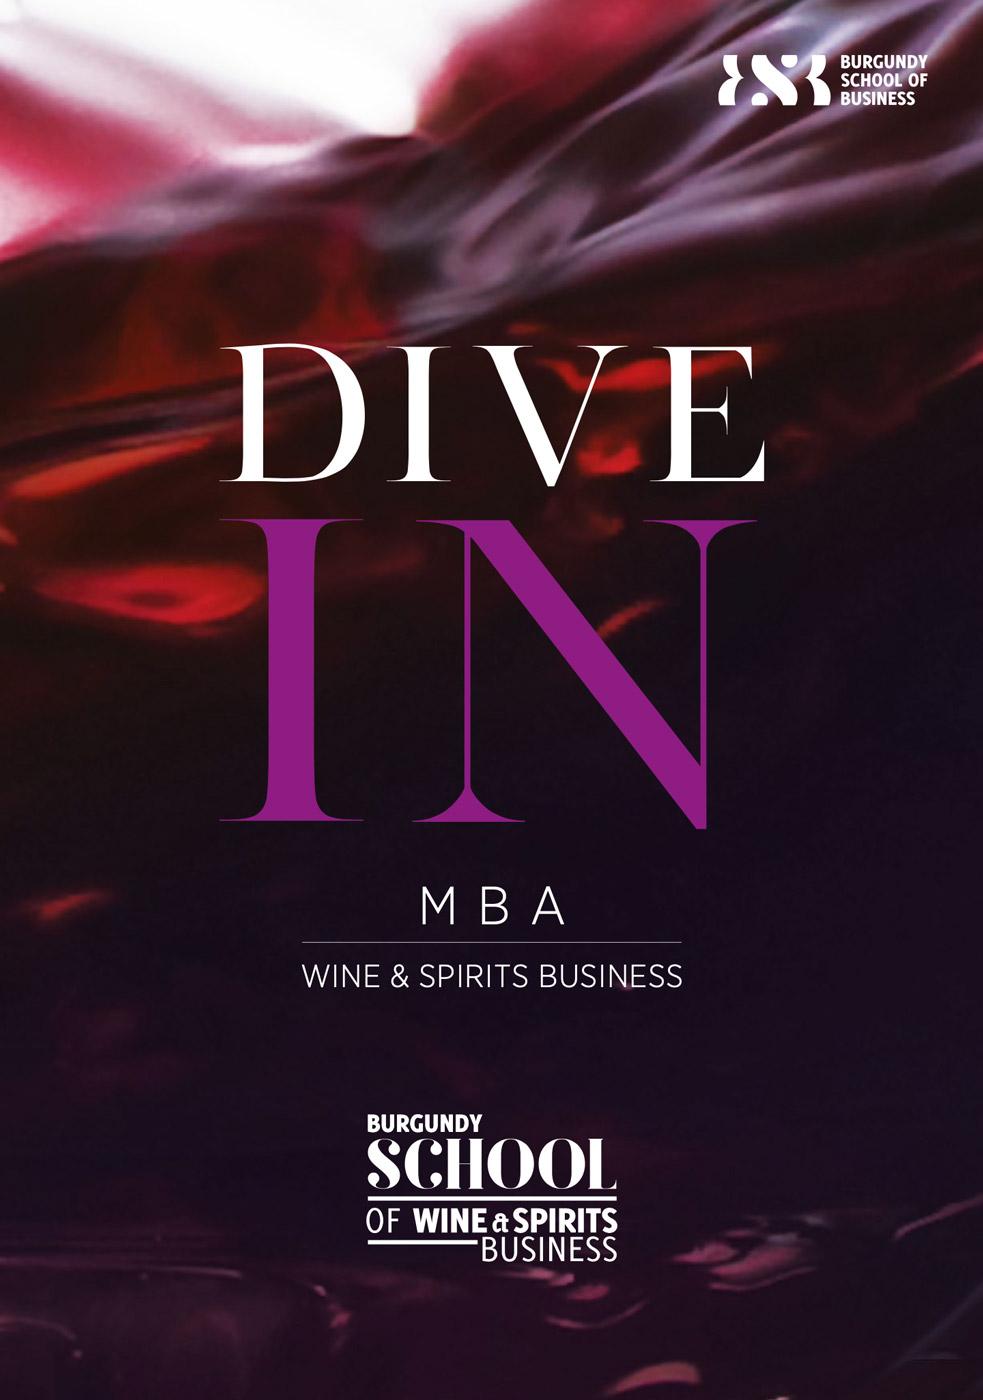 葡萄酒与烈酒MBA